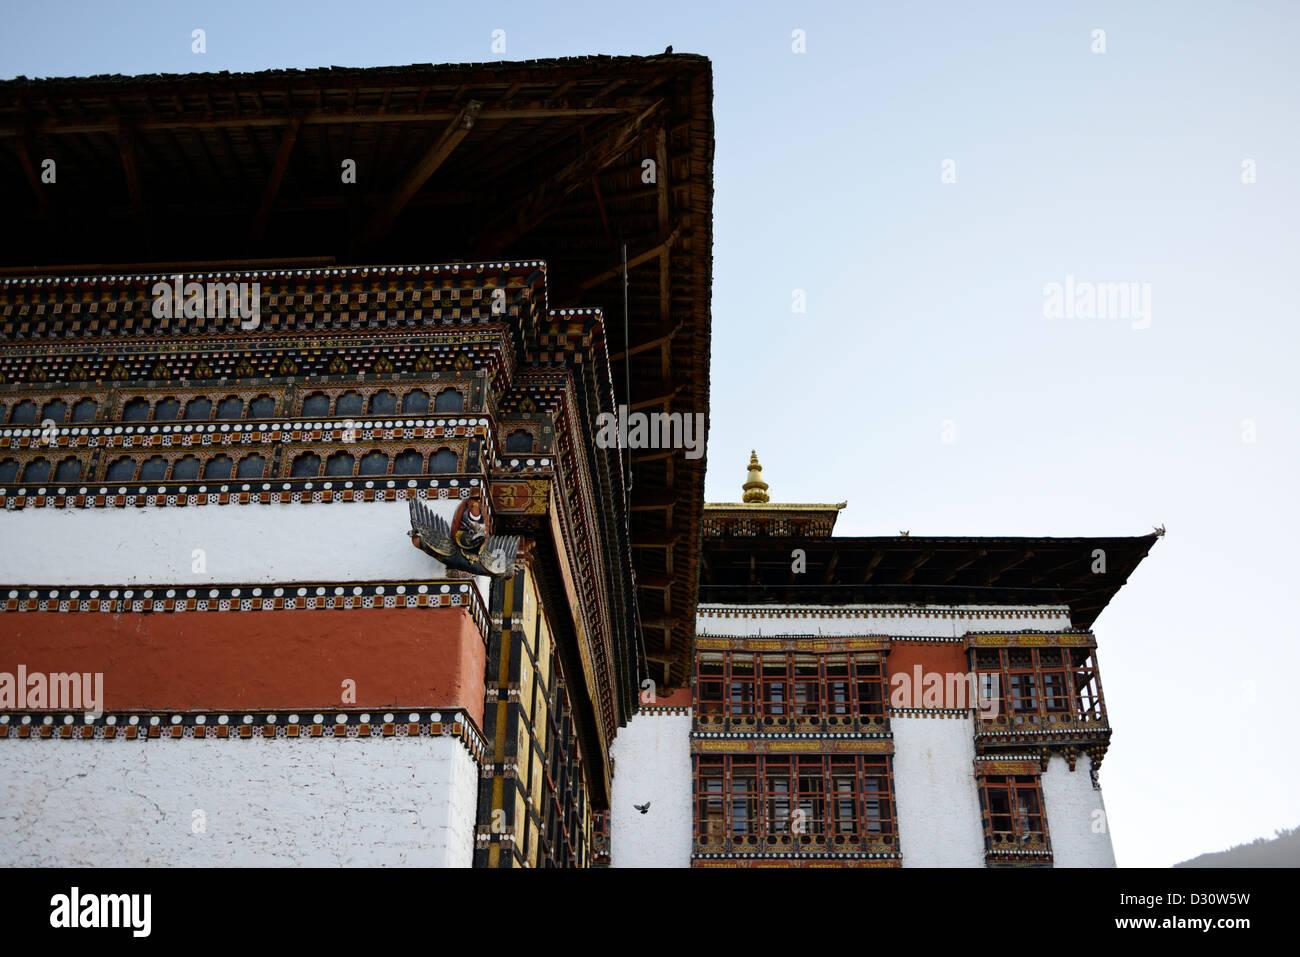 Dettagli architettonici del cortile a Tashi Dzong chodzong,fortezza della gloriosa religione,Bhutan,36MPX Immagini Stock